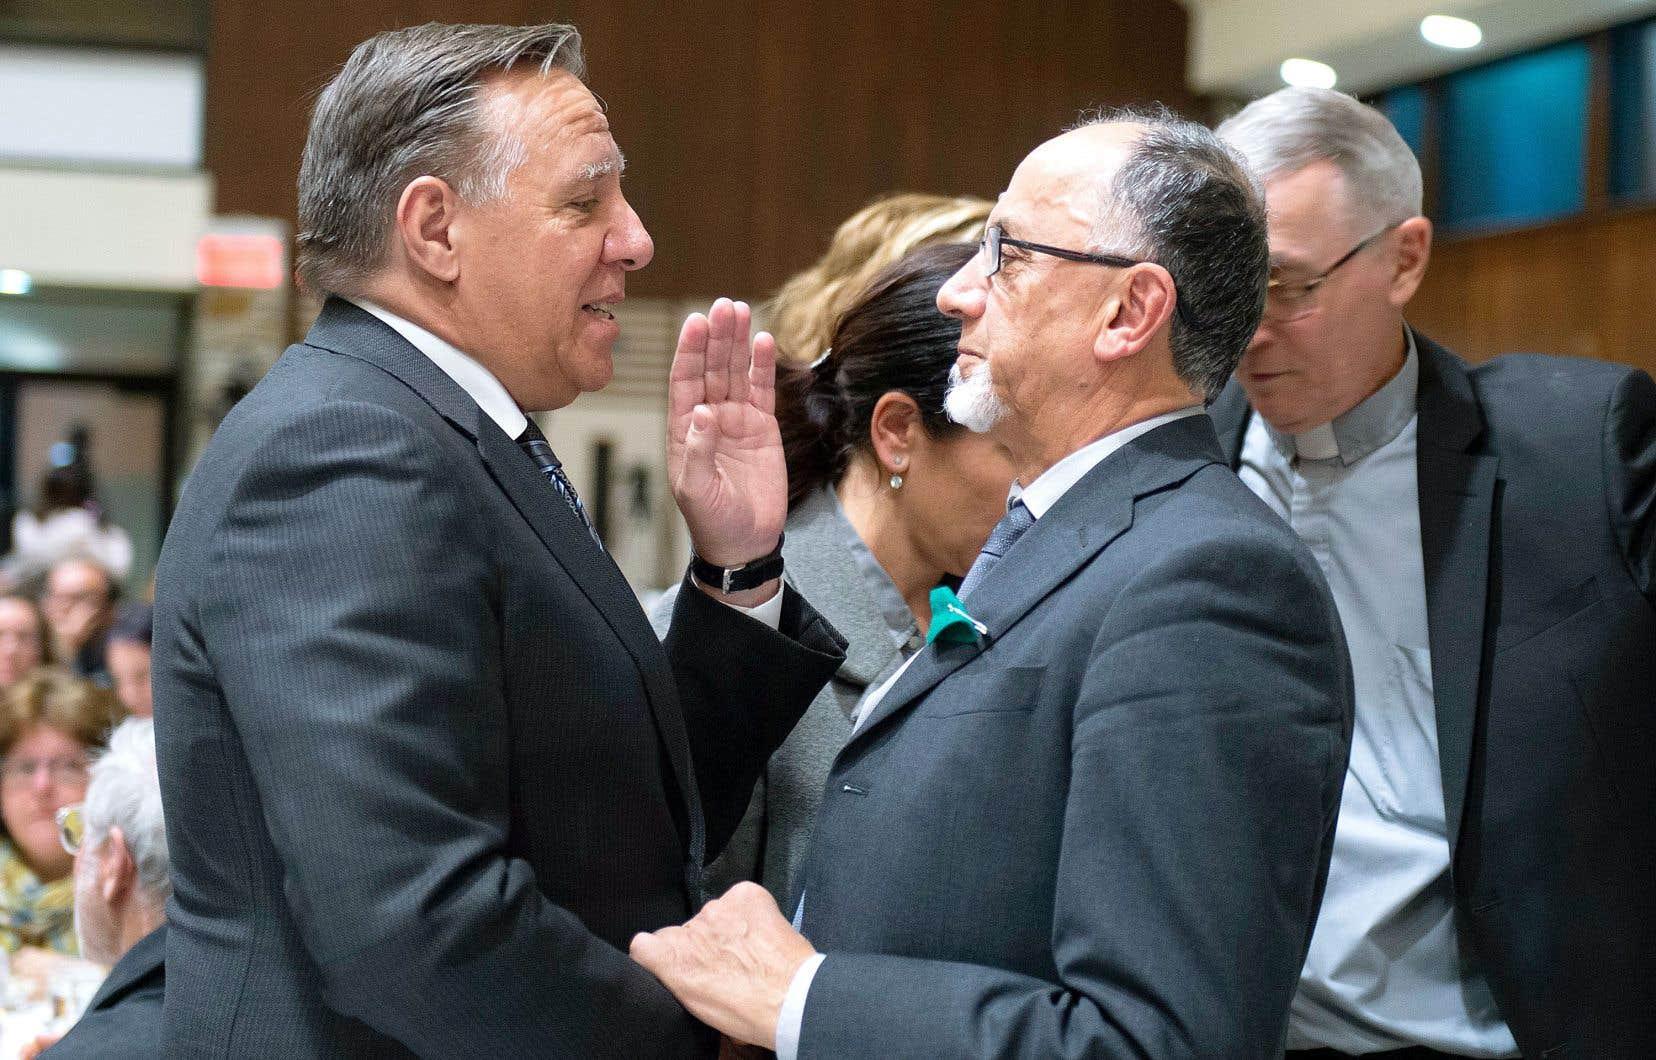 Le premier ministre François Legault a discuté avec le président du Centre culturel islamique de Québec, Boufeldja Benabdallah, mercredi, à l'occasion de la commémoration de l'attentat de la Grande Mosquée de Québec survenue en 2017.